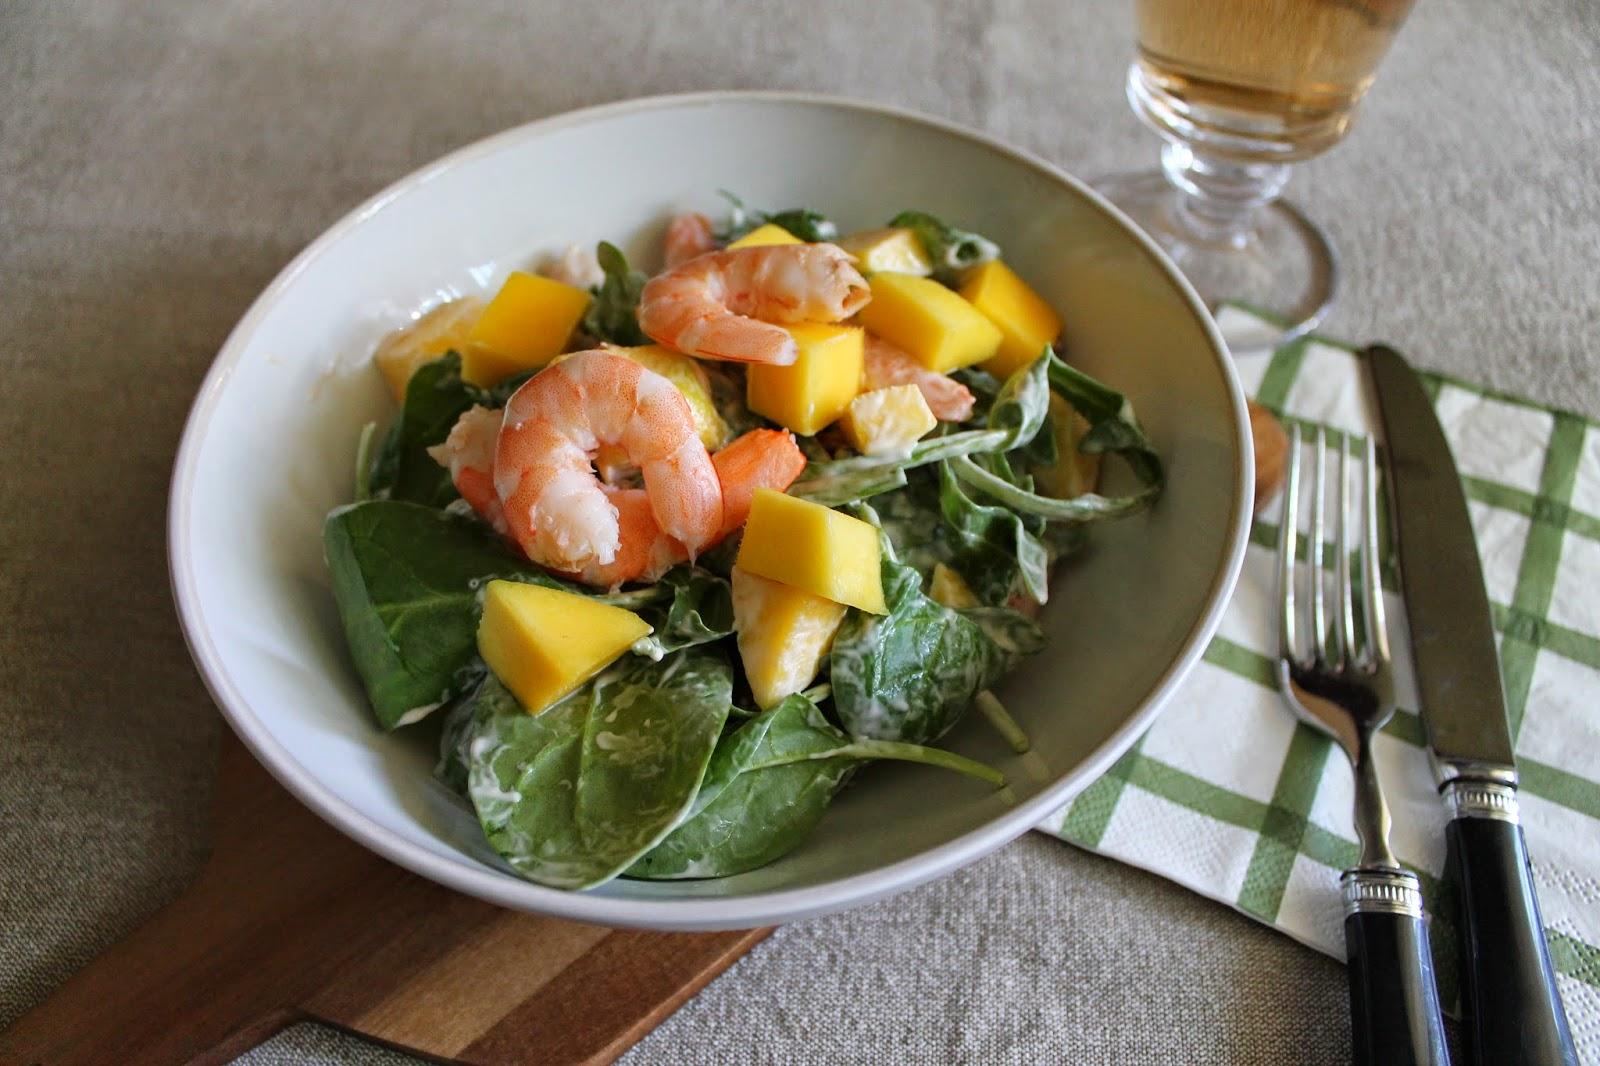 Principiando en la cocina ensalada de langostinos y mango - Ensalada de langostinos ...